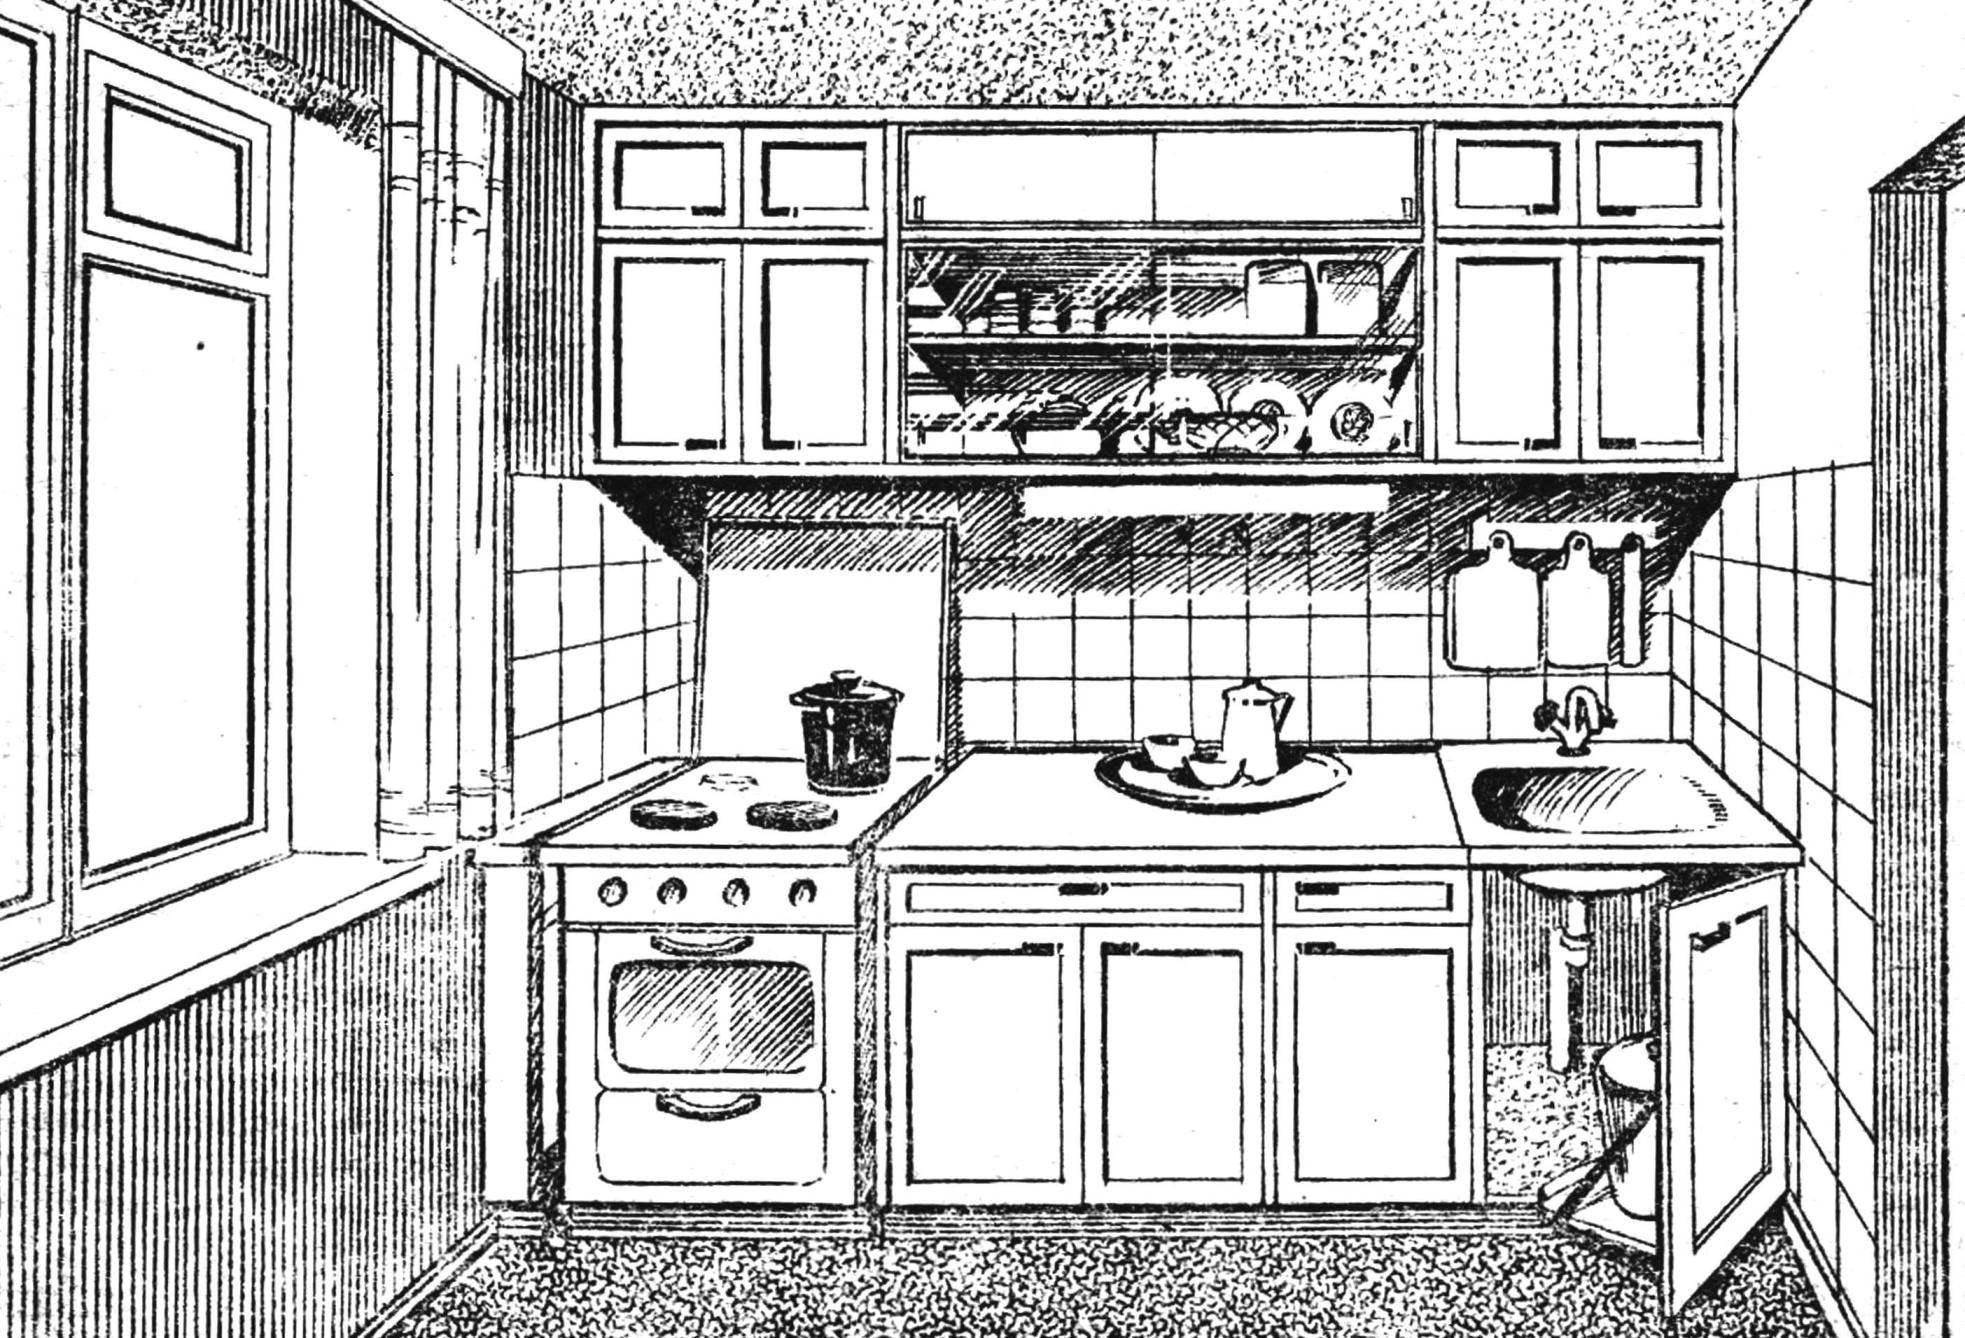 Рис. 1. Самодельный кухонный шкаф-стенка.